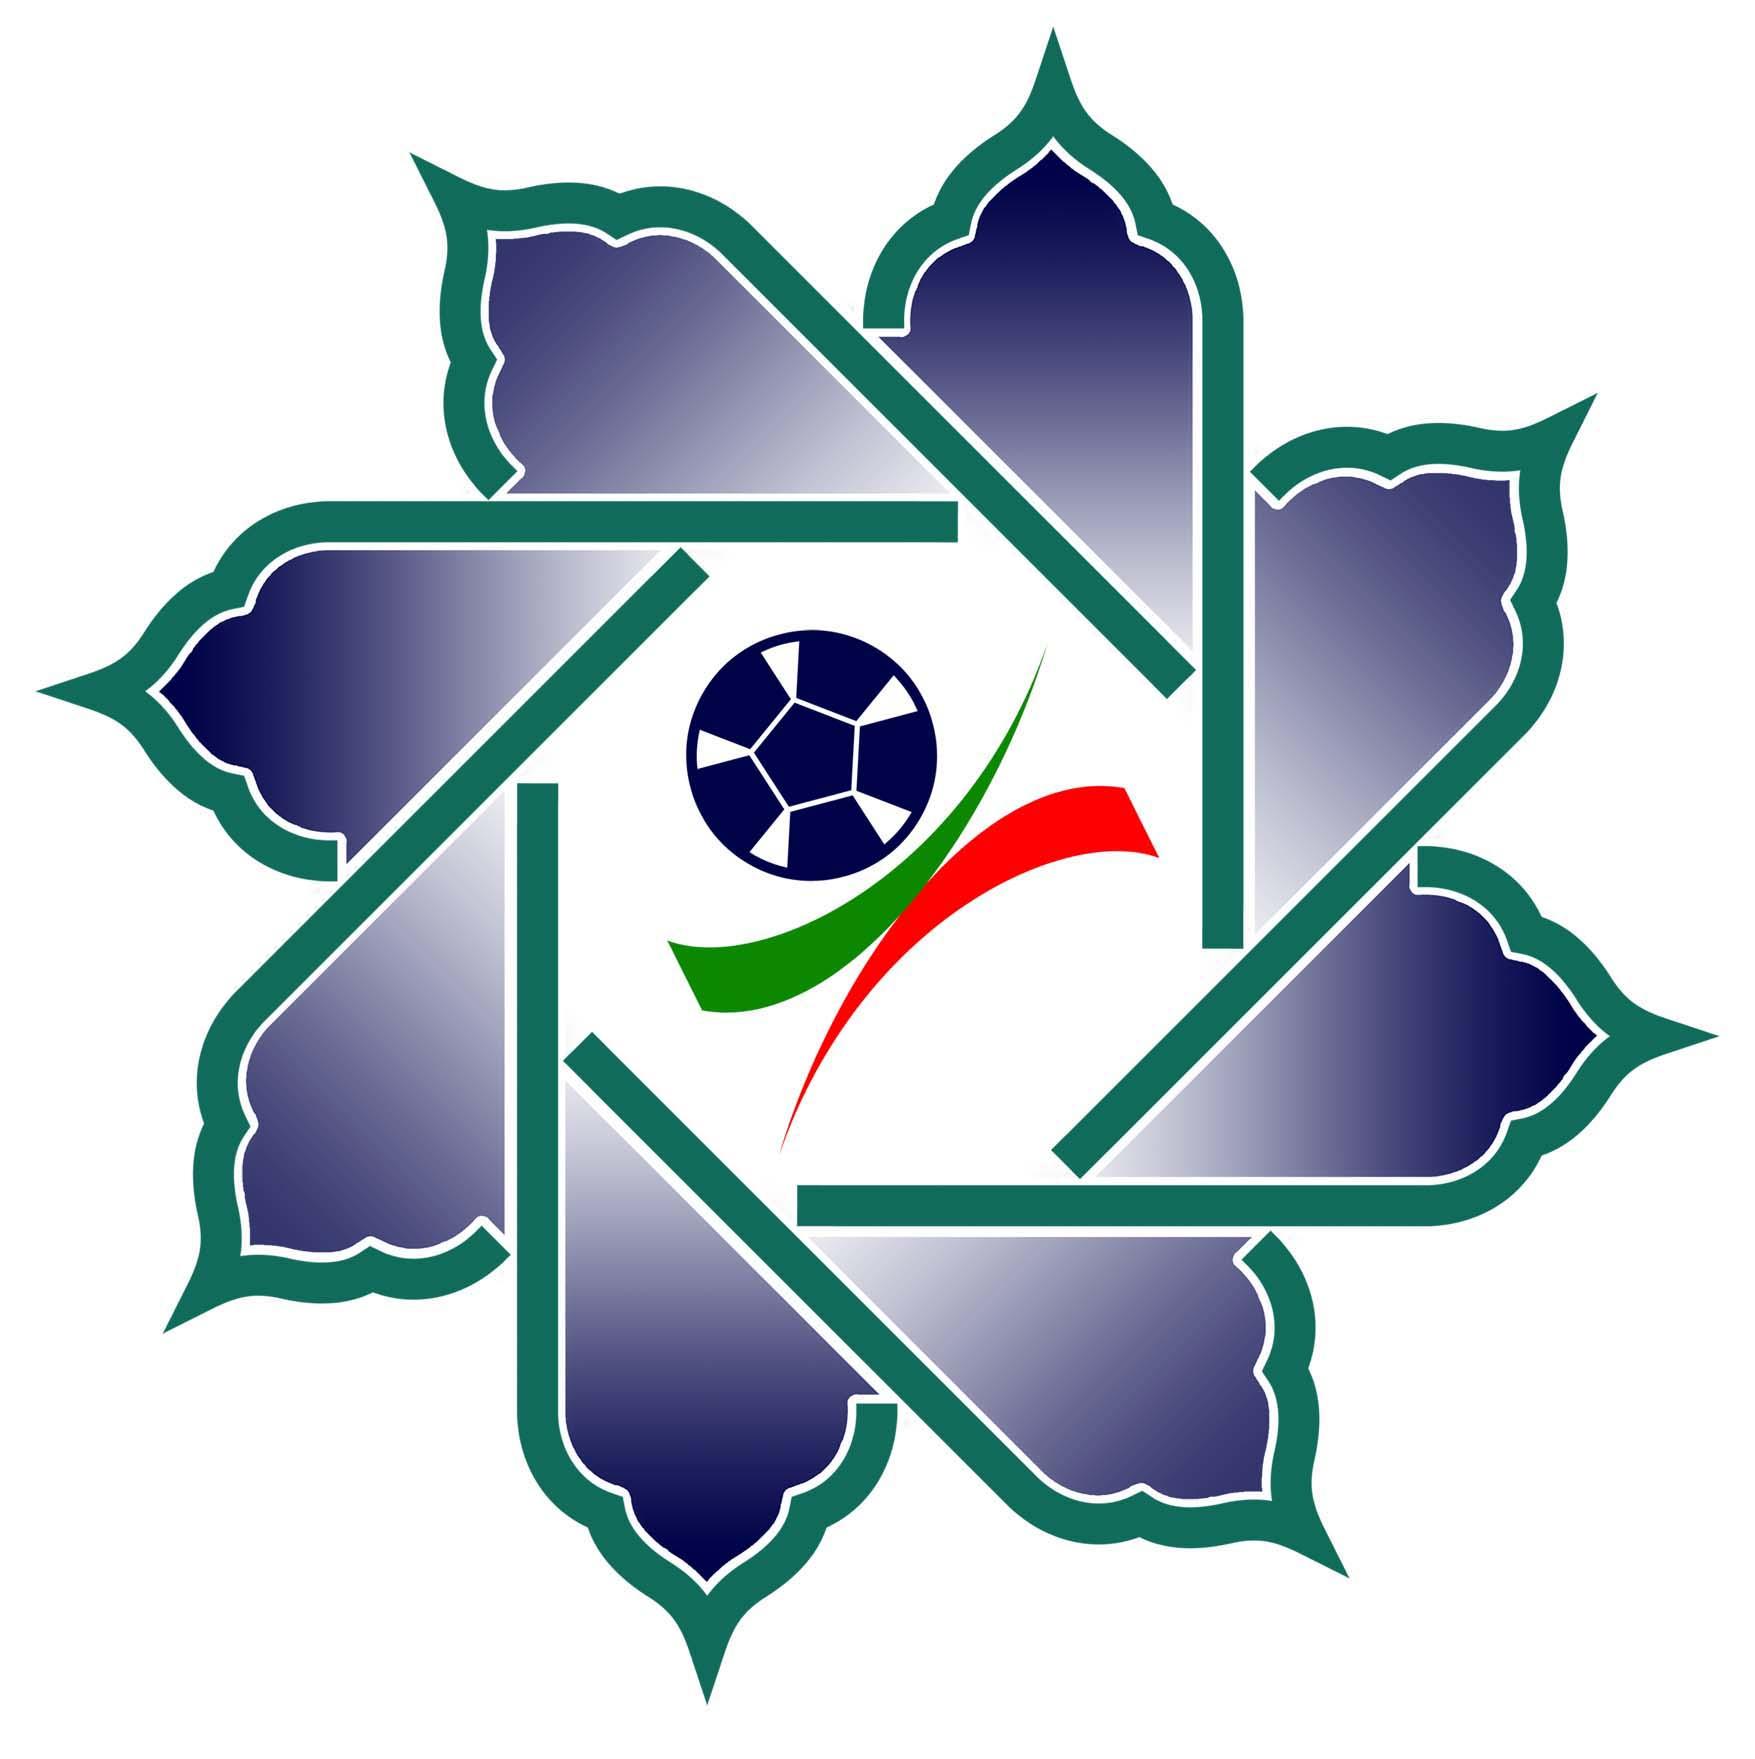 لوگو باشگاه شهرداری اردبیل